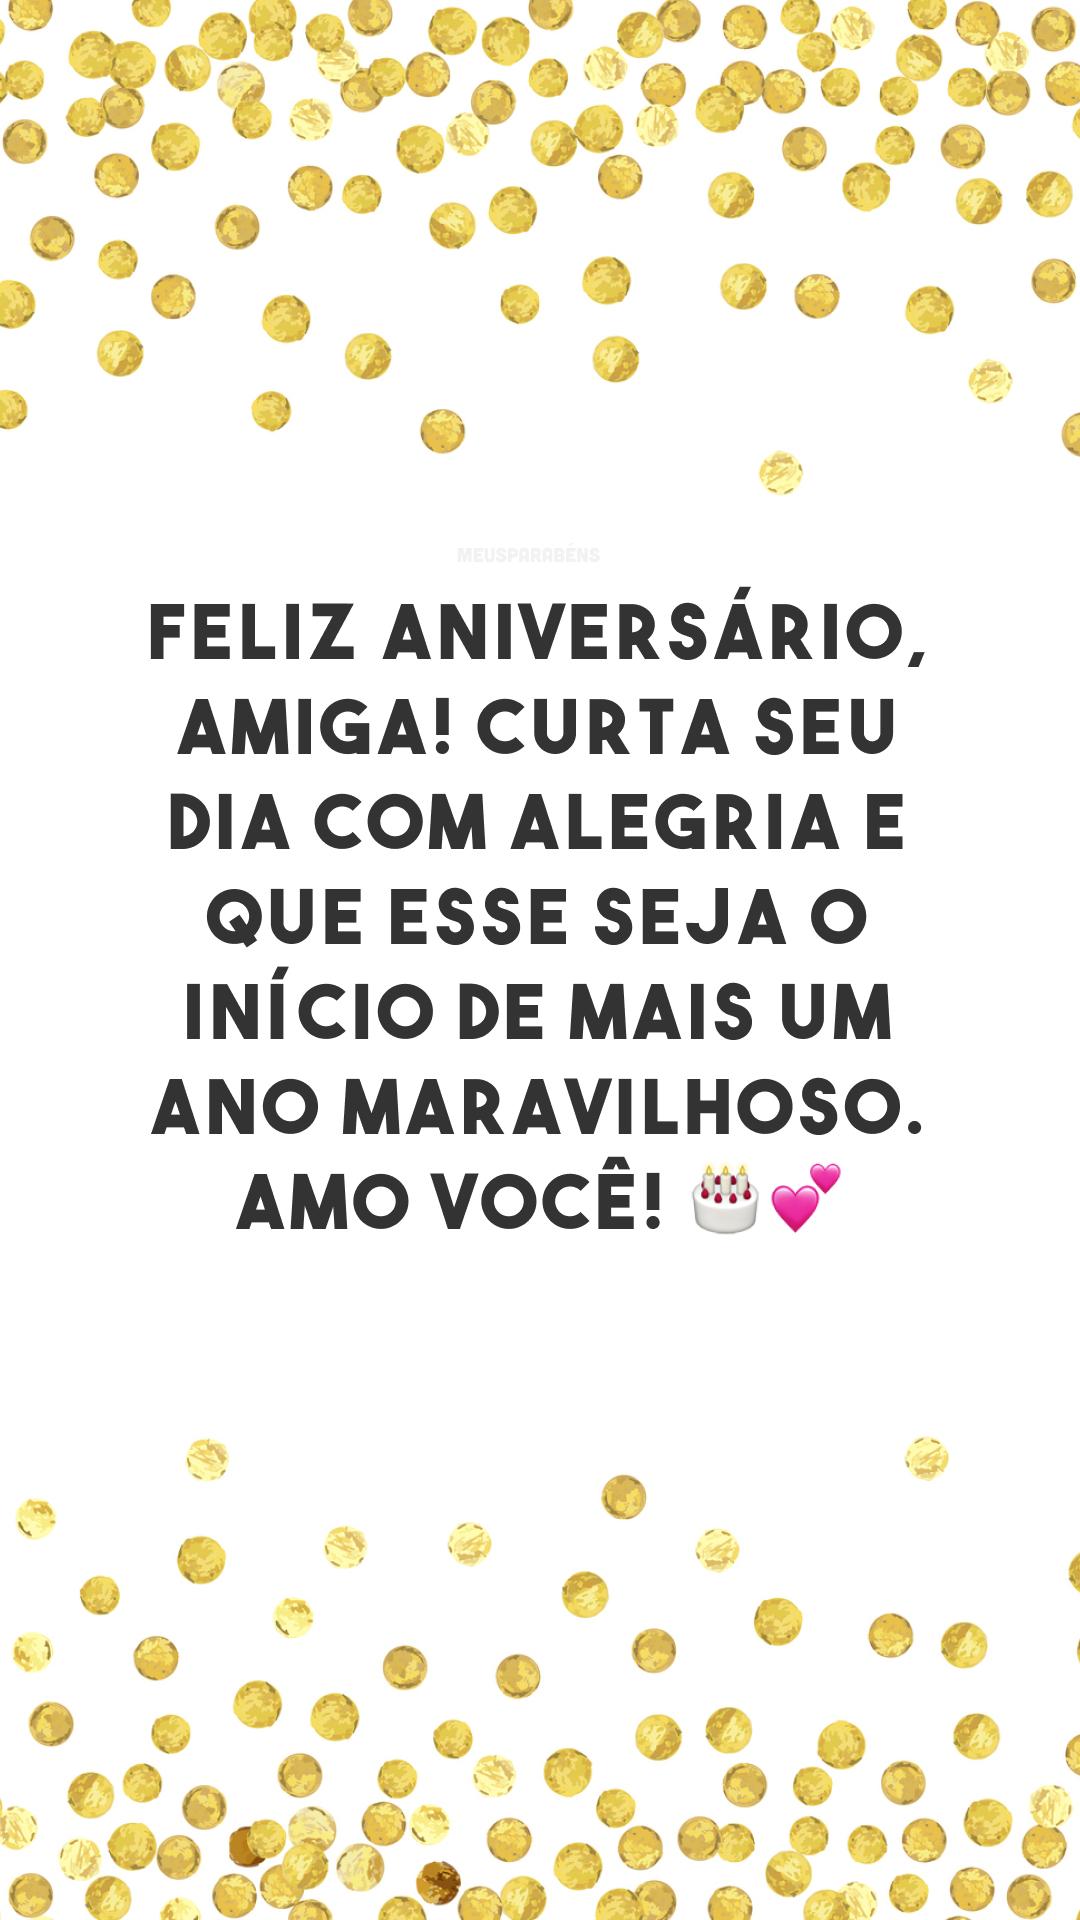 Feliz aniversário, amiga! Curta seu dia com alegria e que esse seja o início de mais um ano maravilhoso. Amo você! ??